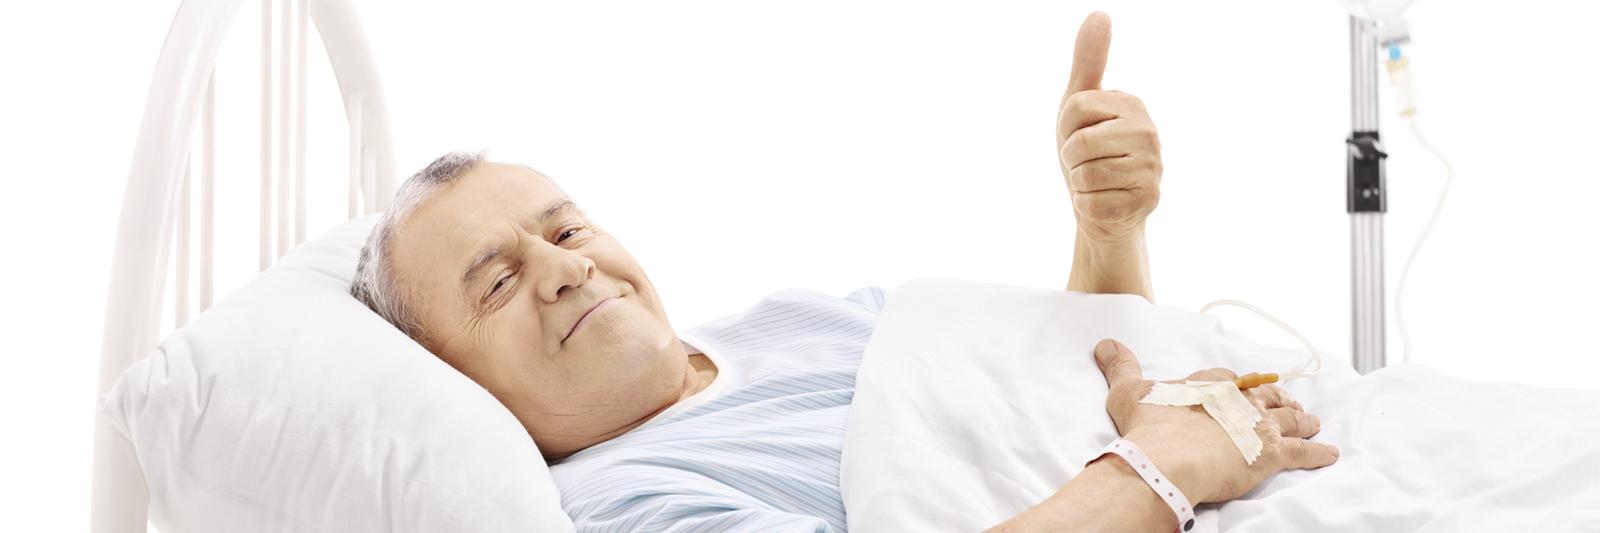 Krankensalbung